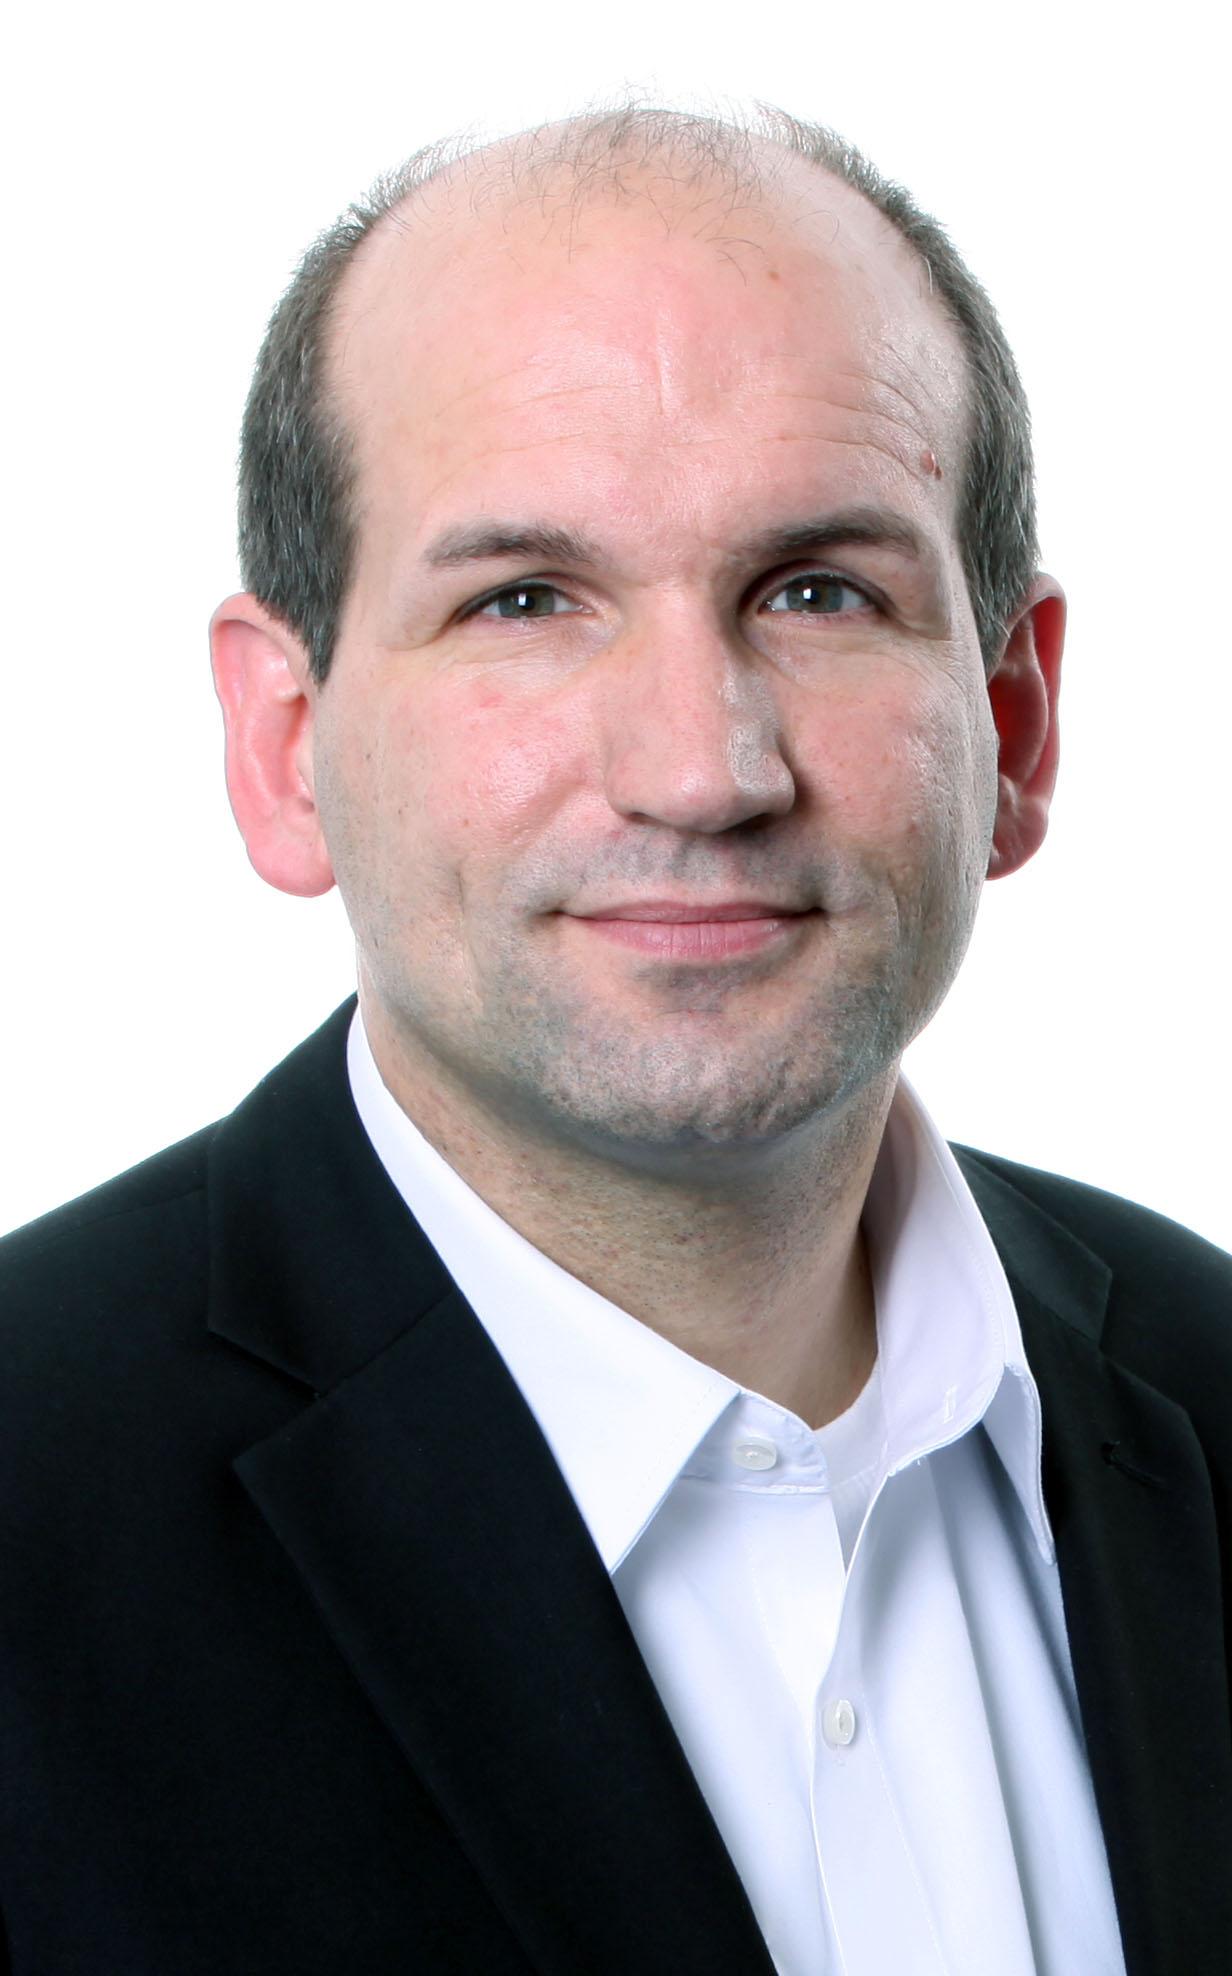 Jürgen Mittag